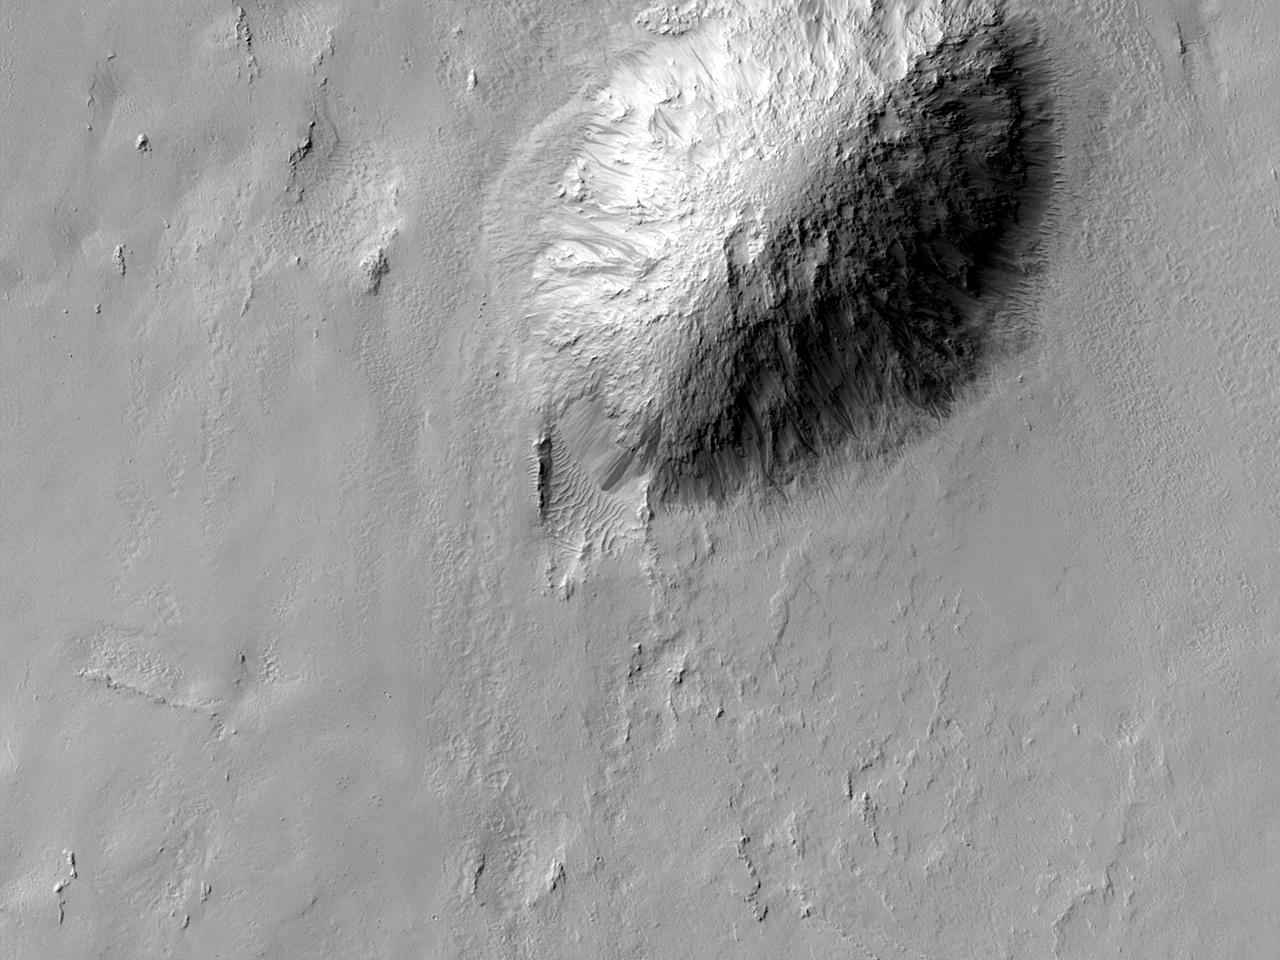 Южная граница выбросов в кратереZunil